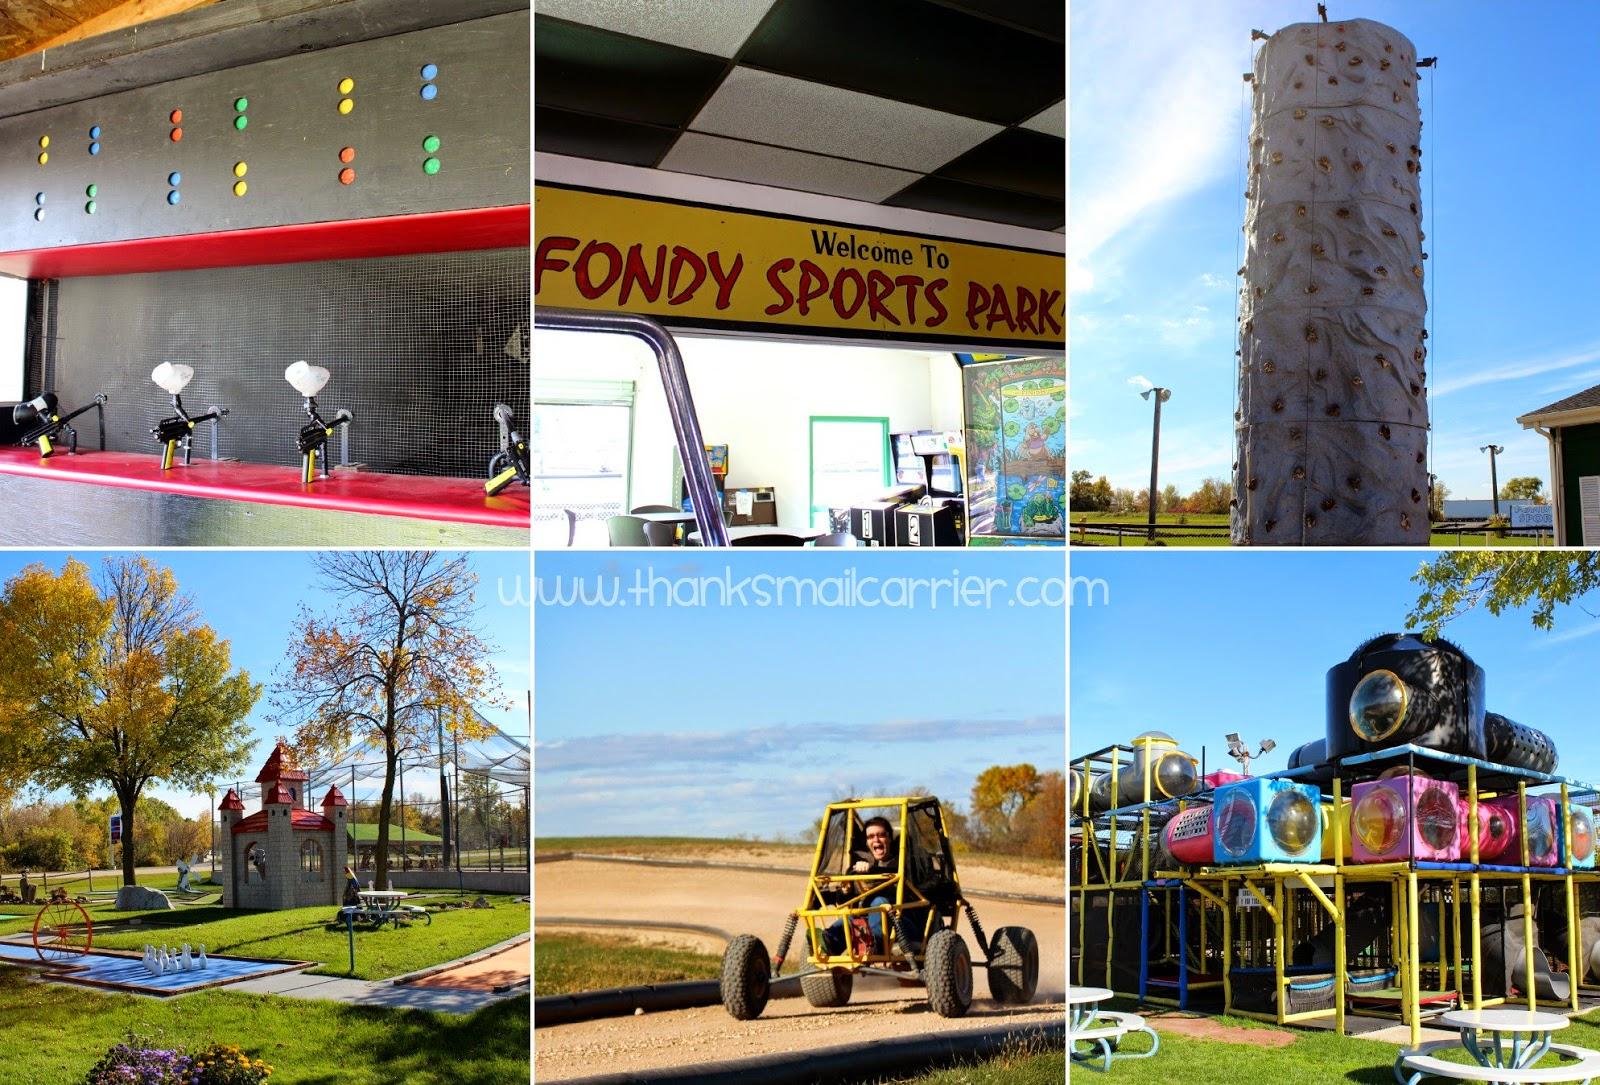 Fondy Sports Park Fond du Lac